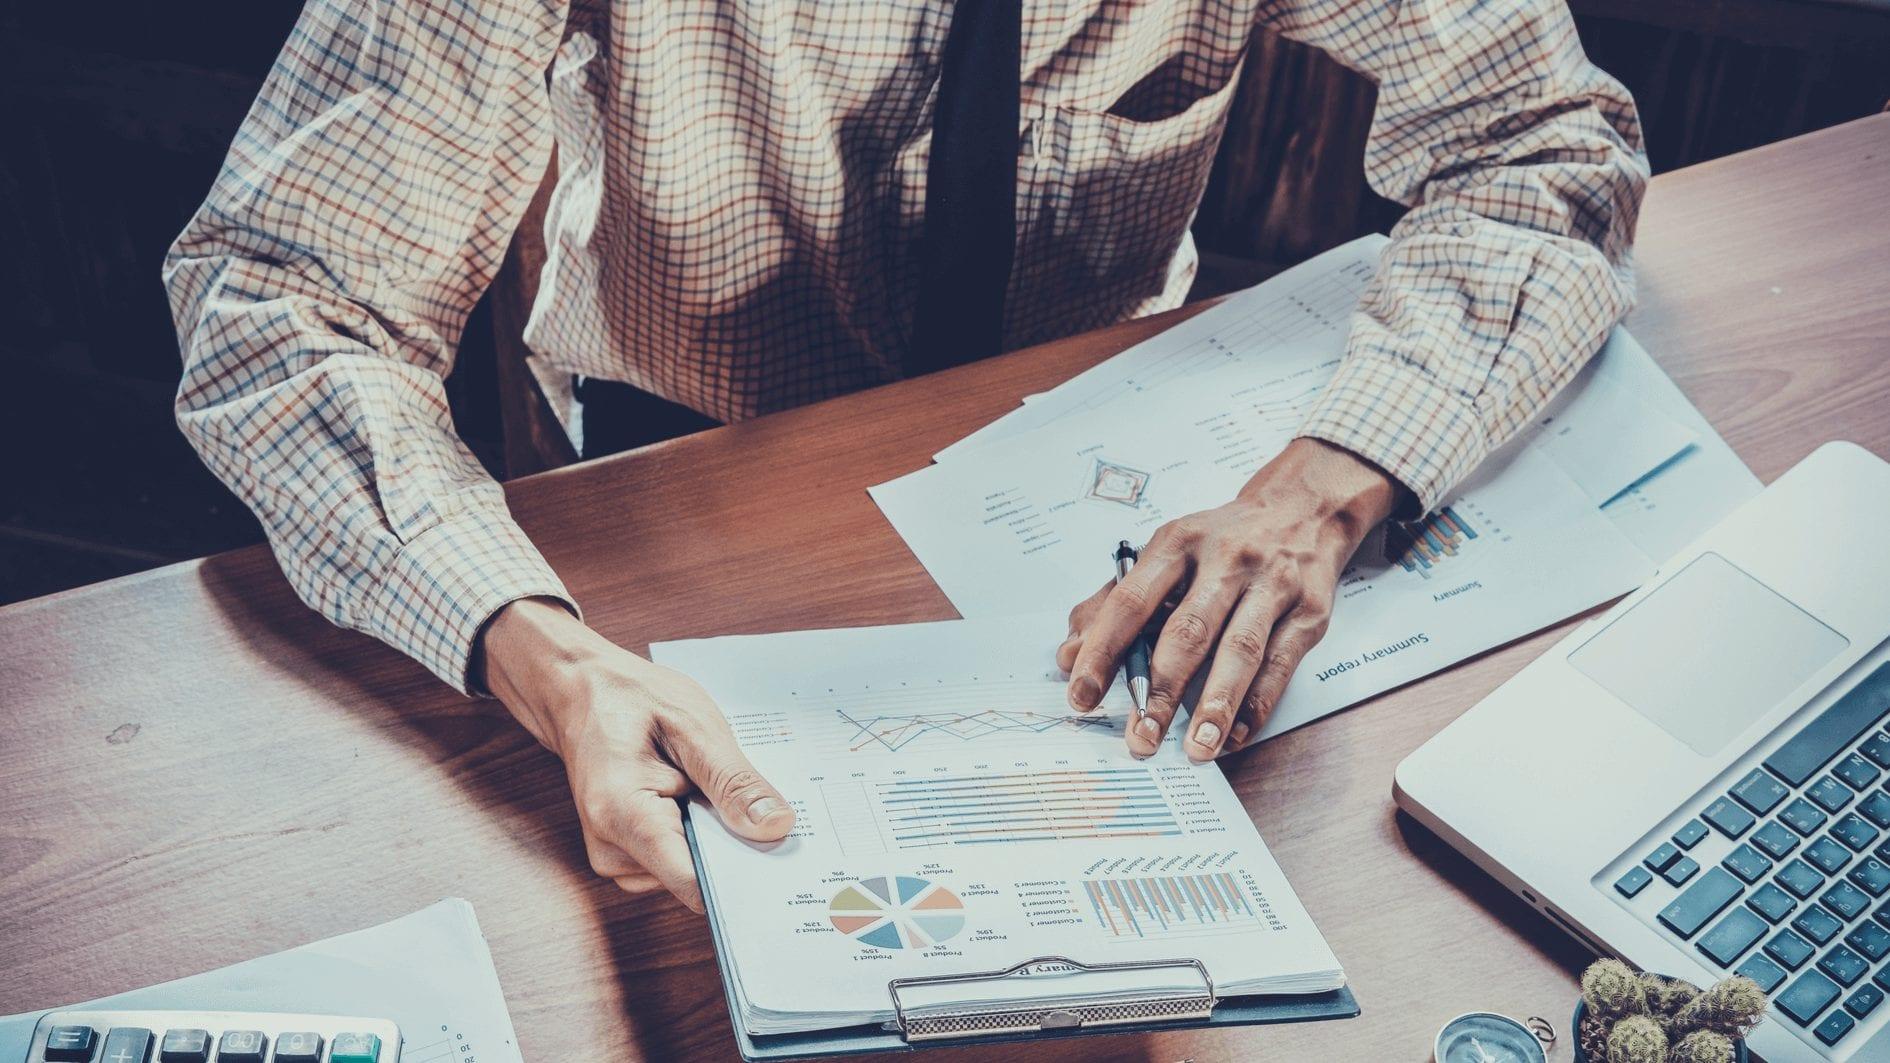 Penggunaan aplikasi project management menjadi salah satu cara agar proyek berjalan lancar.